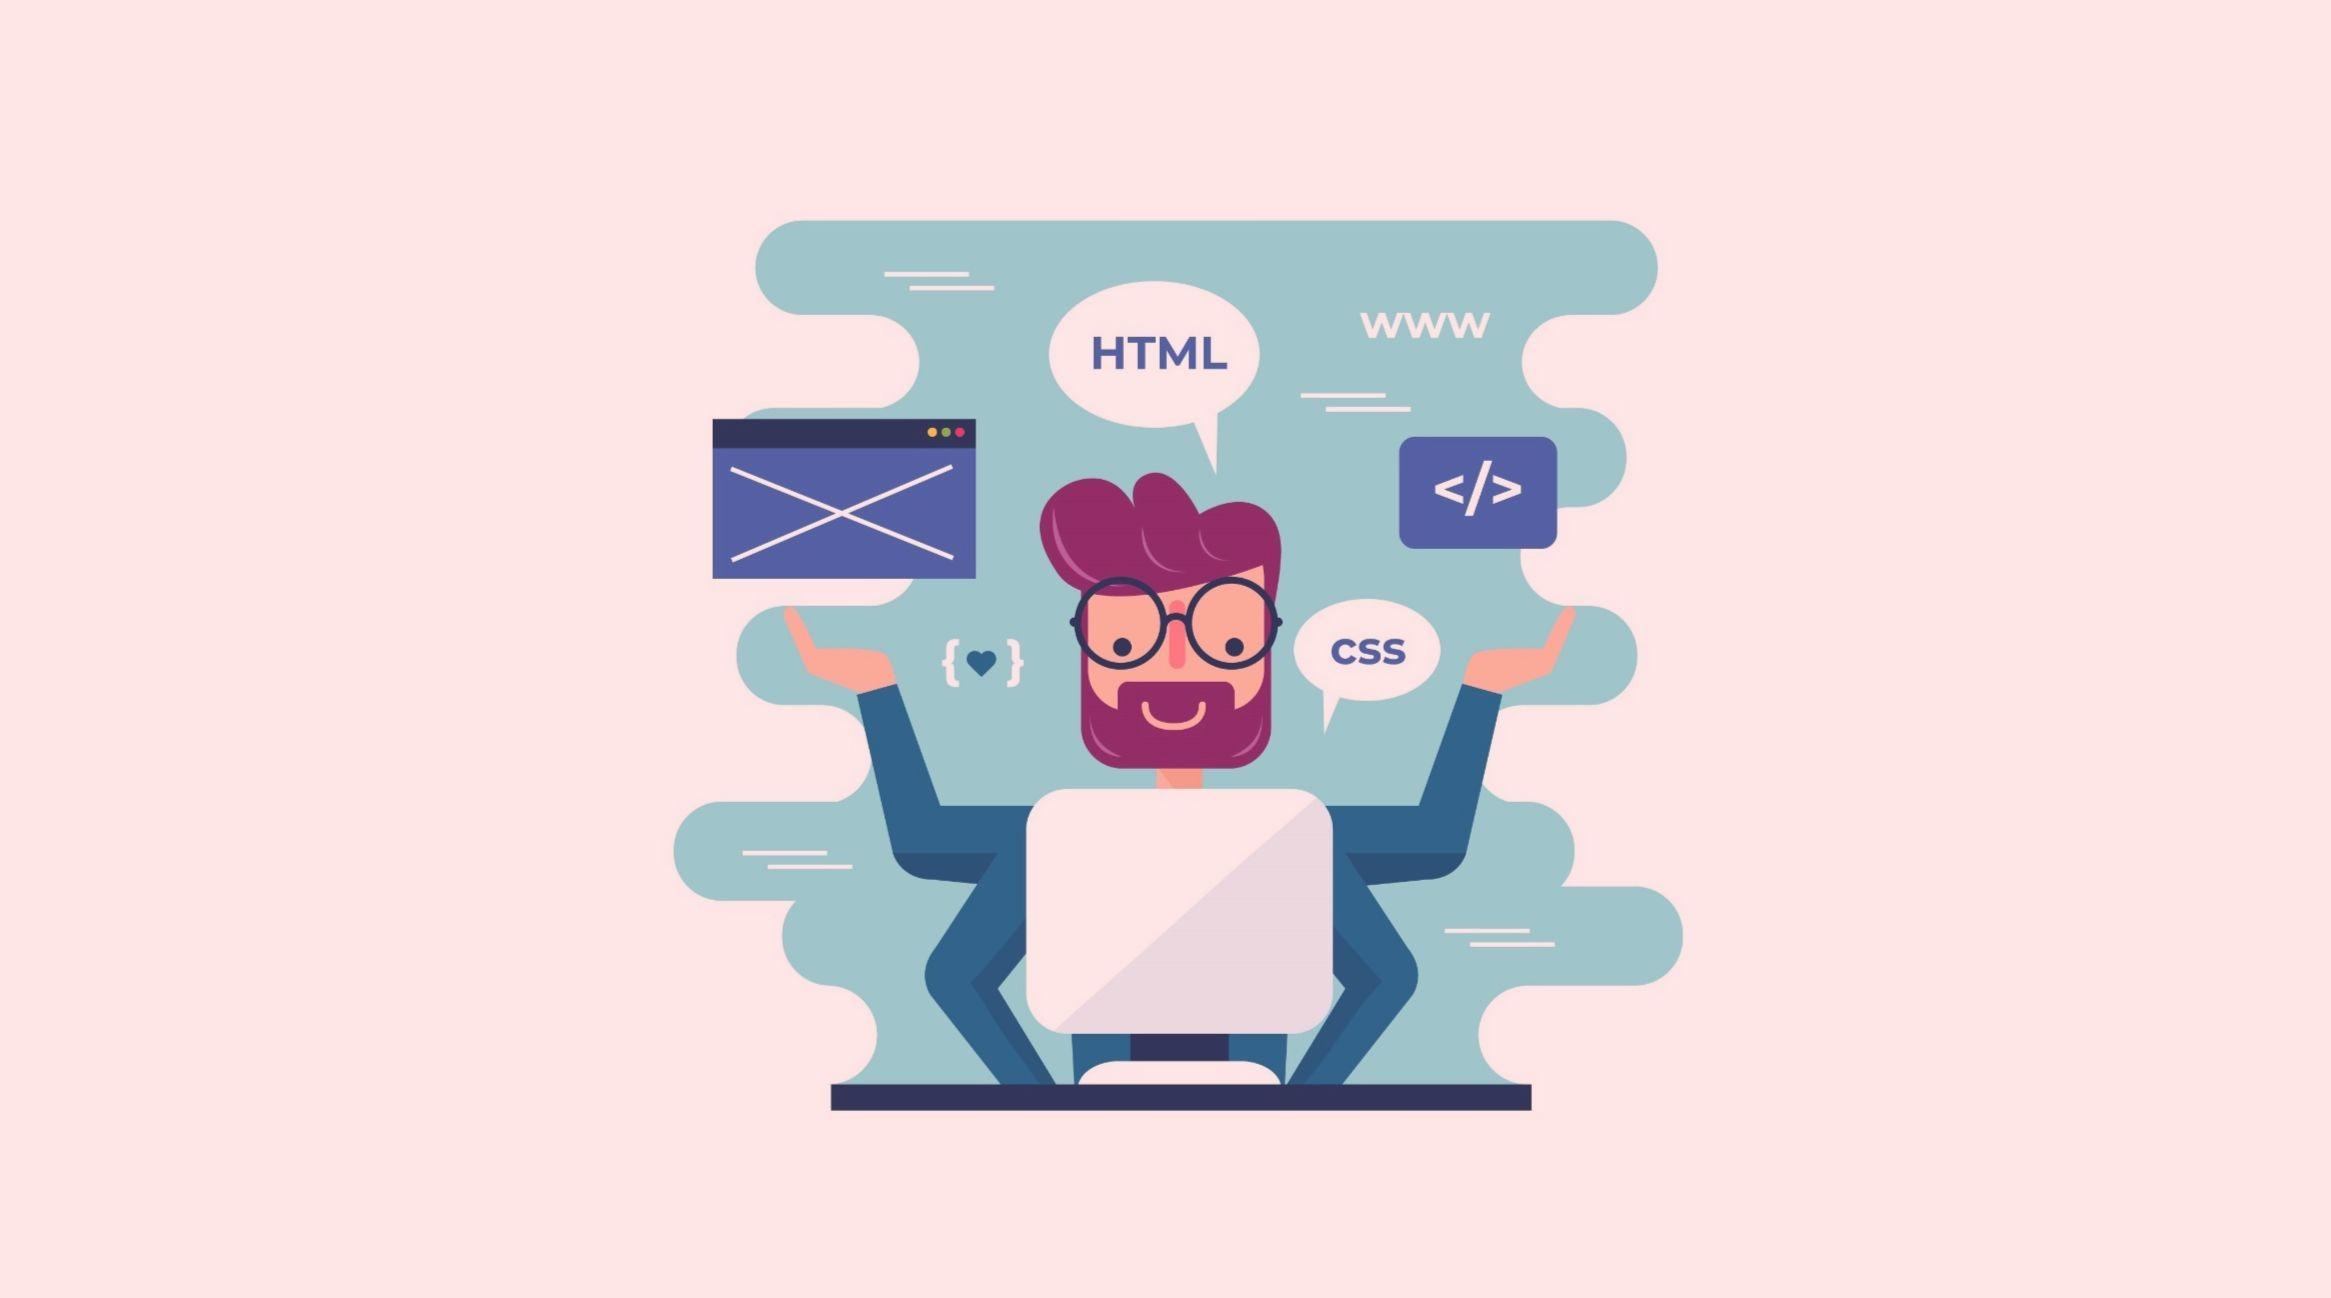 Ilustração - Por que contratar uma empresa para fazer o meu site? - Superbiz